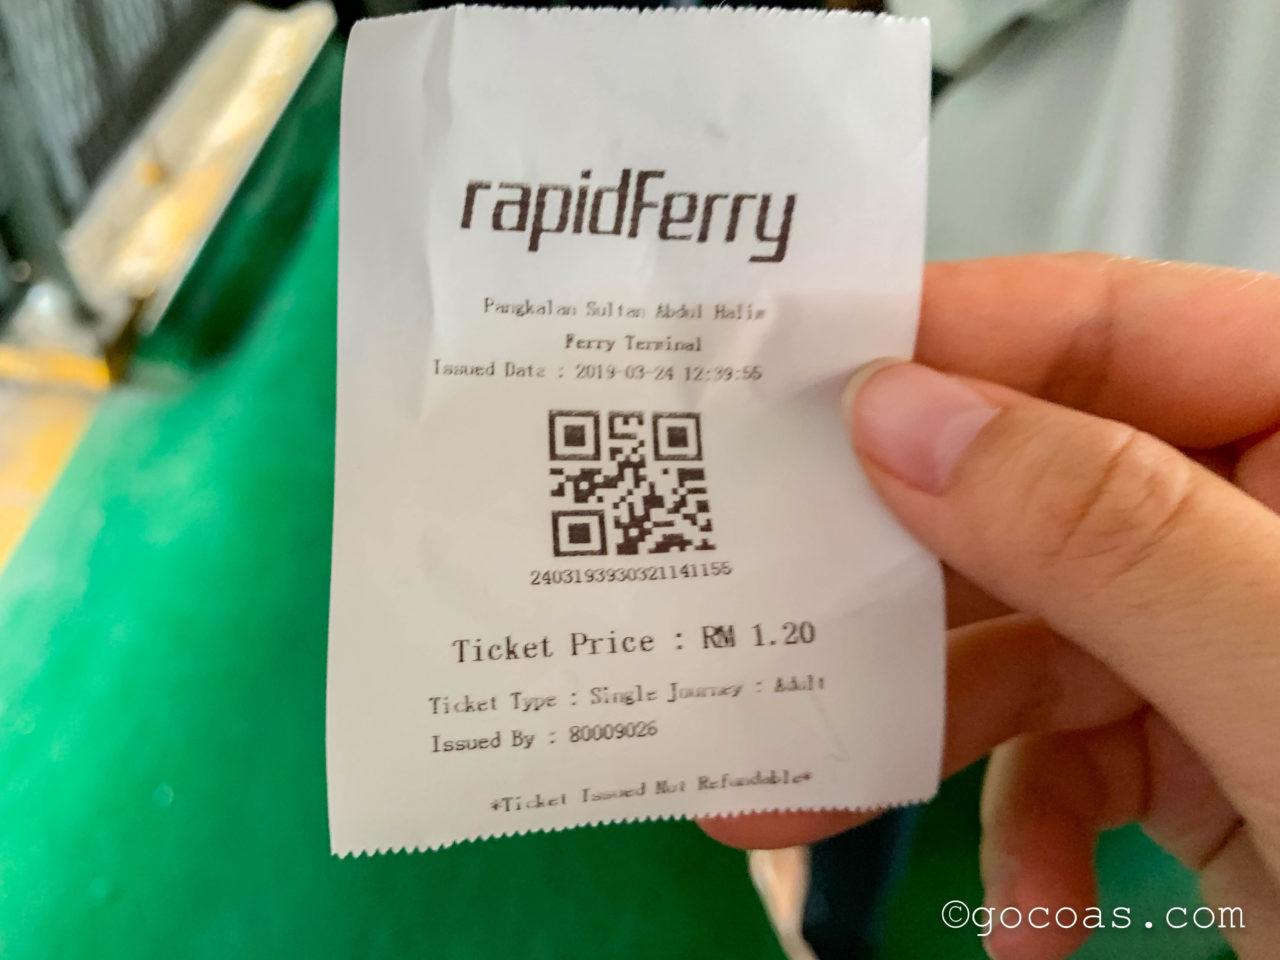 Buttrerworthのフェリー乗り場のチケット売り場で購入したチケット